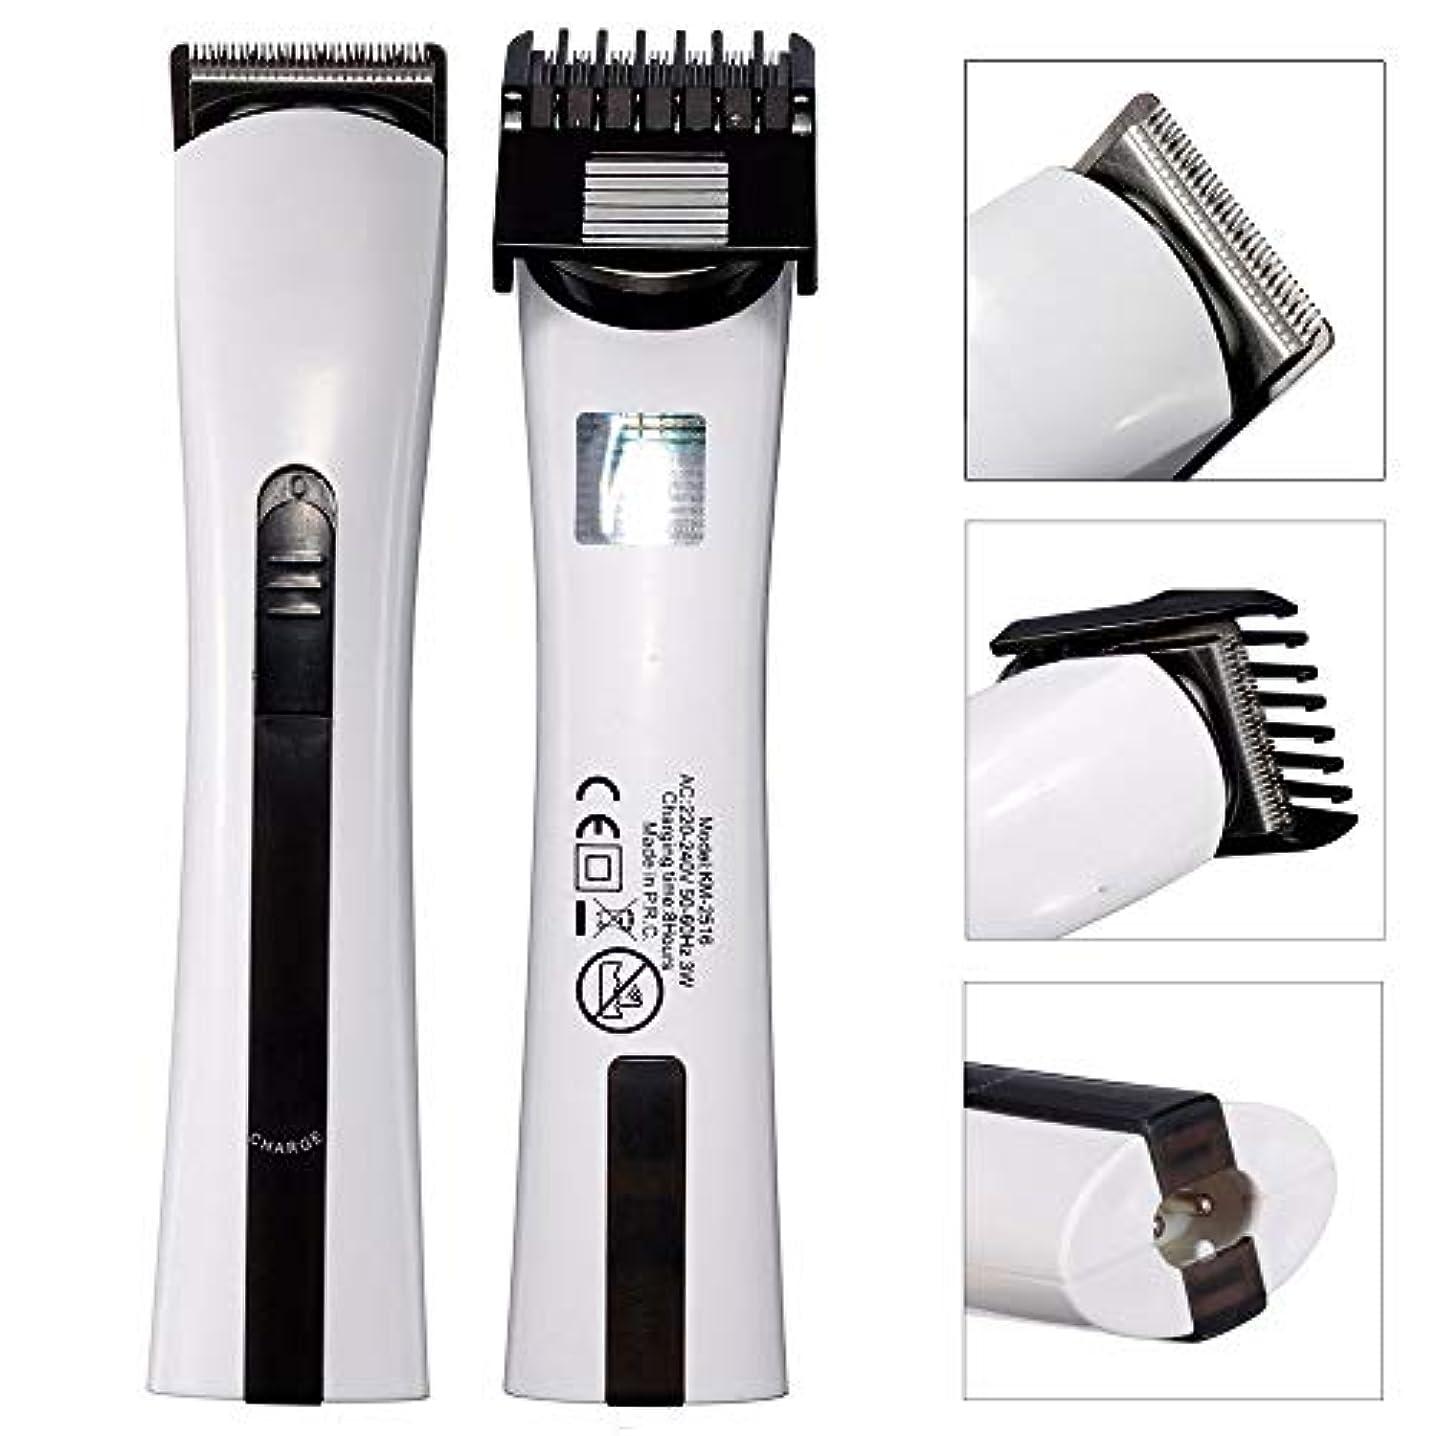 バリカン、男性のヘアトリマー充電式電気シェーバーかみそりひげコードレスバリカンカットトリマーグルーミング散髪機